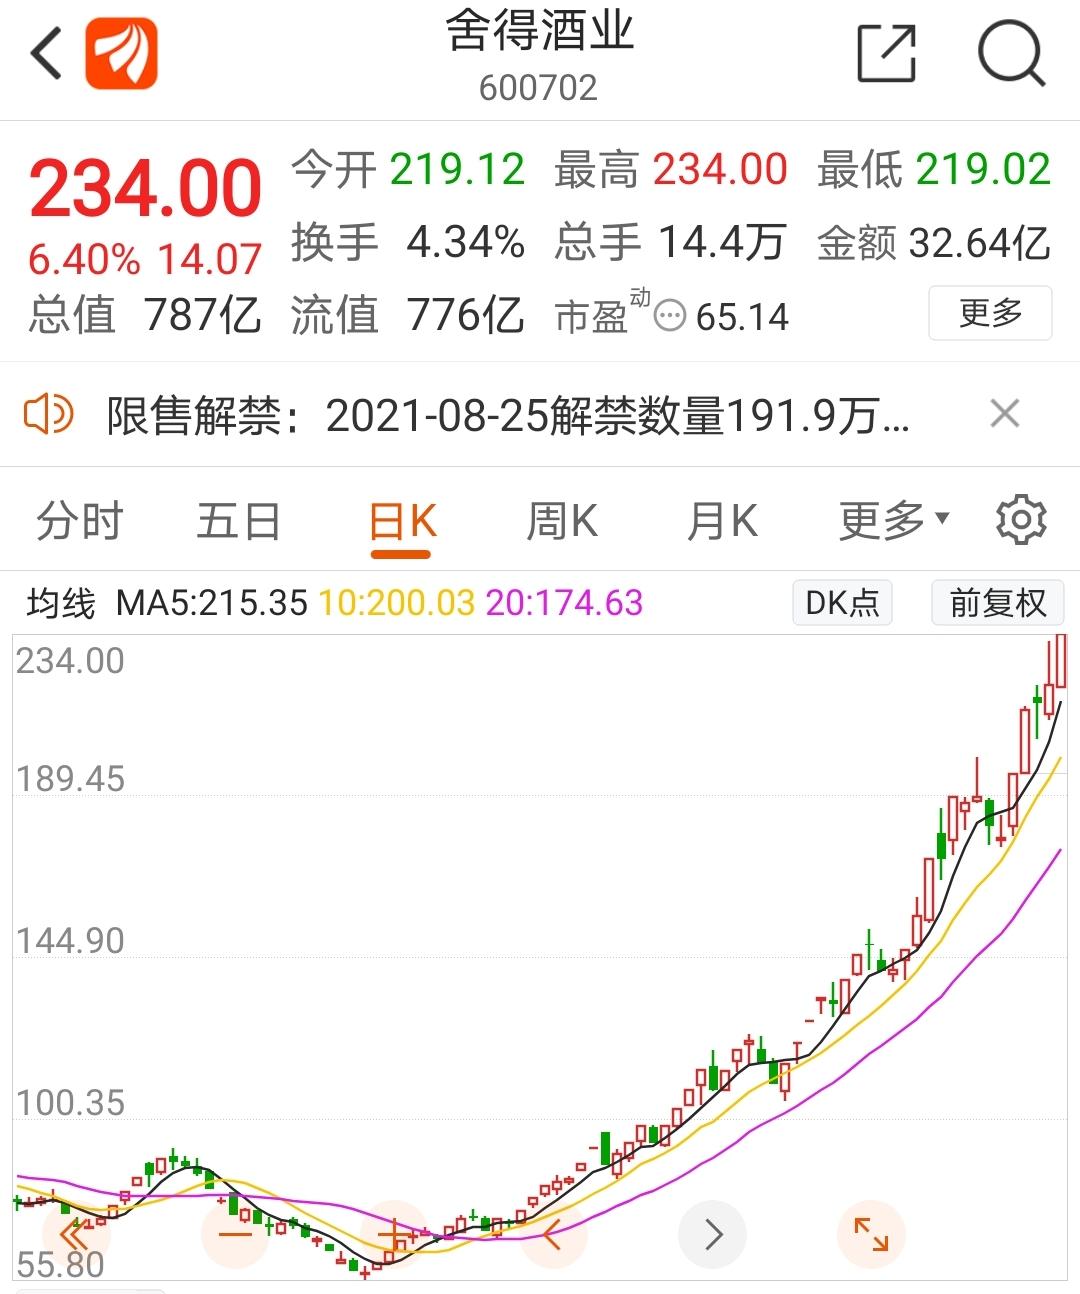 连续2个月增持茅台 全球最大中国股票基金再出手 摩根更是大幅加仓 郭广昌却